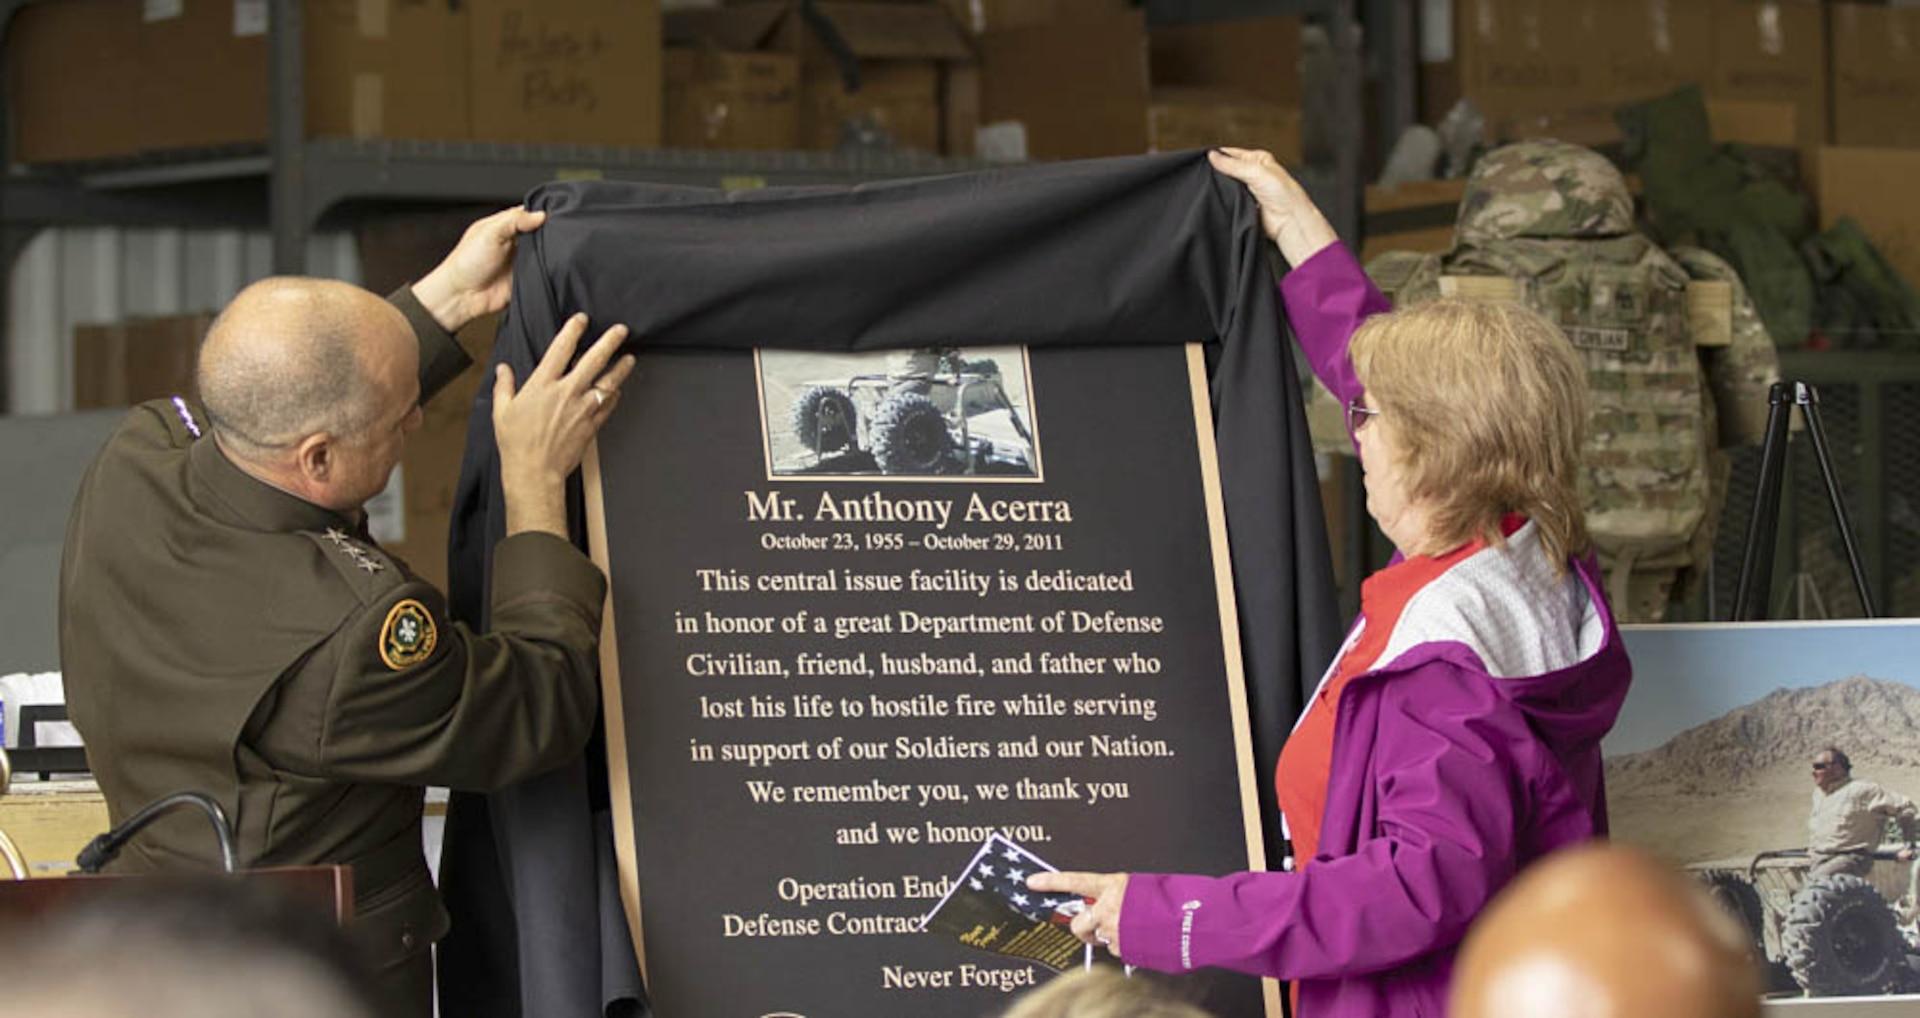 Memorial for Mr. Acerra unveiled.